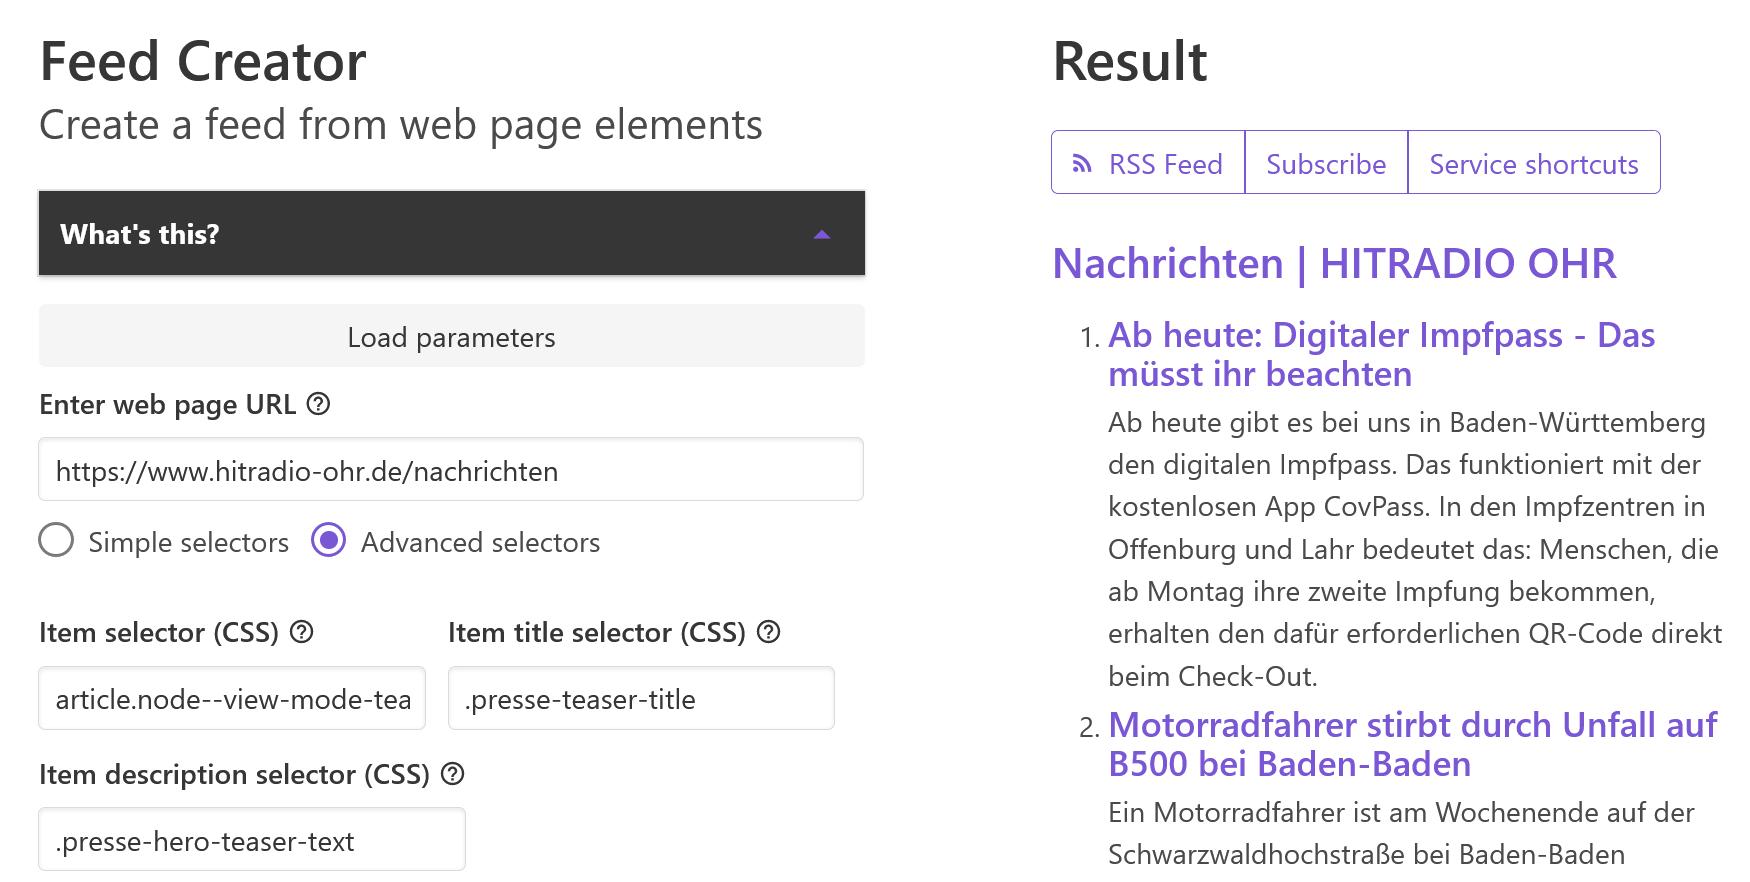 fc-title-description